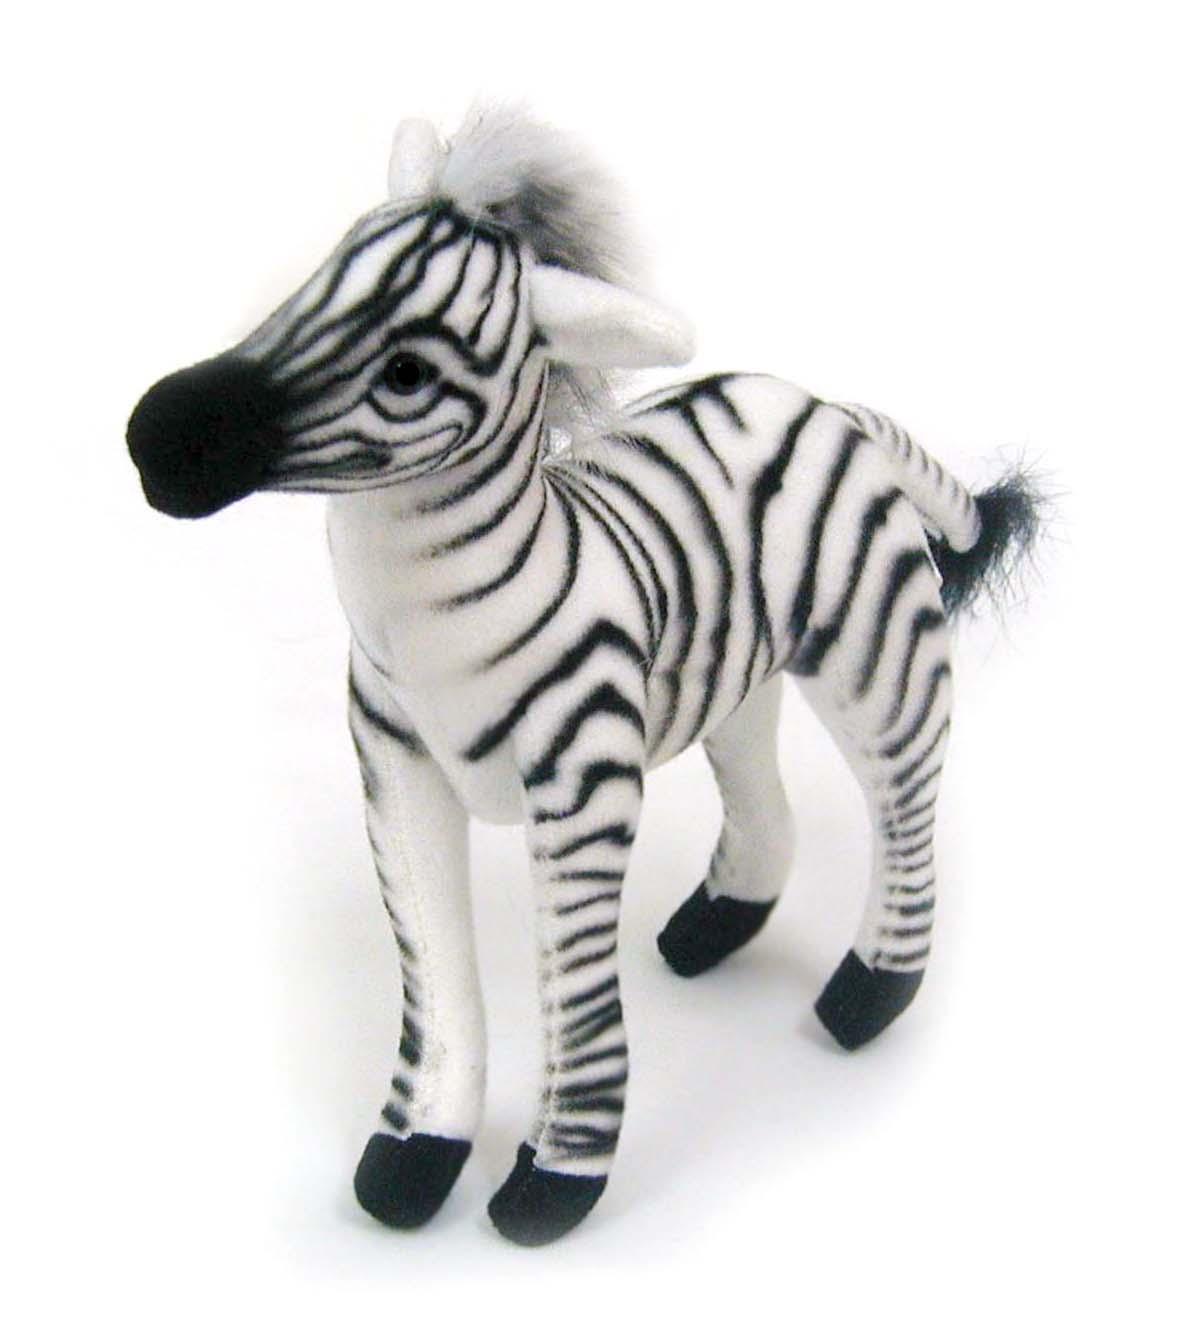 Купить Мягкая игрушка – Зебра, 15 см, Hansa